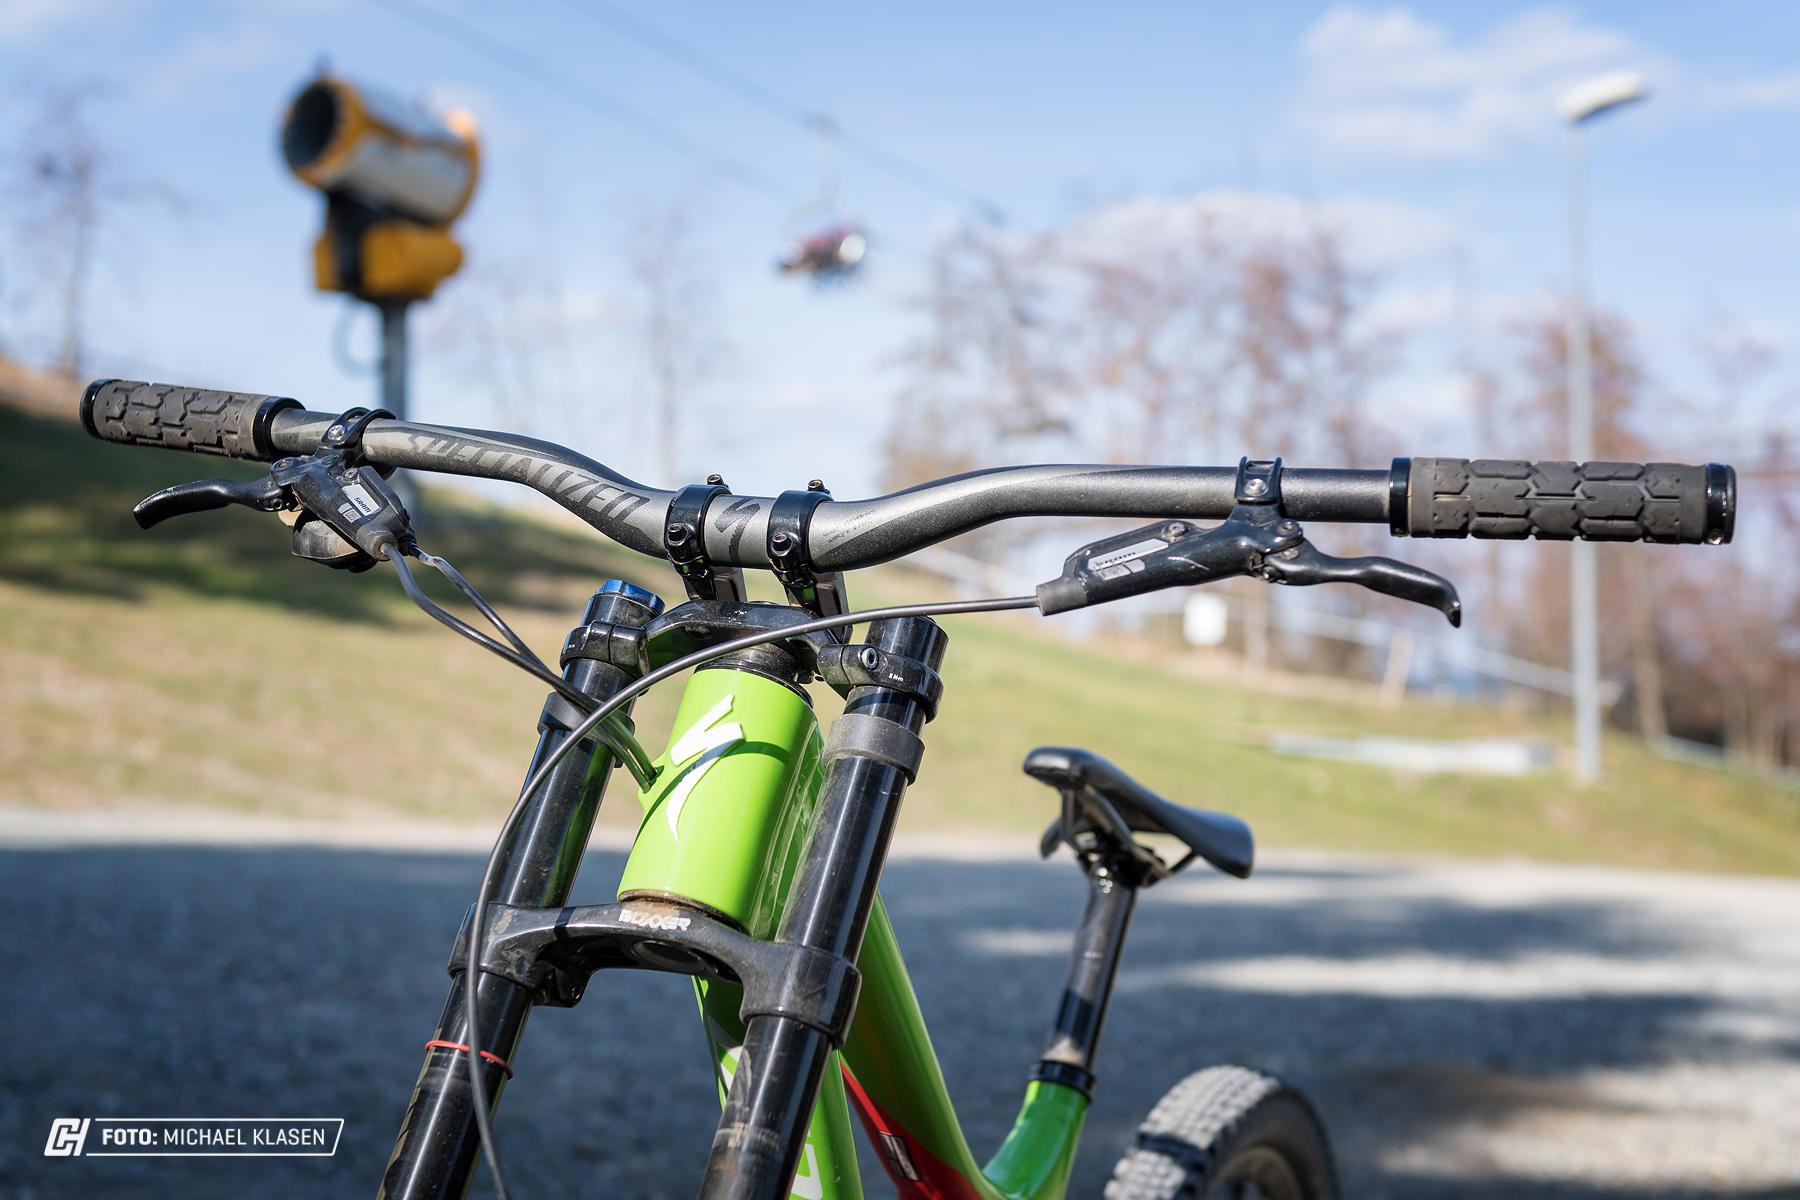 Der 800mm breite Lenker steht dem Bike gut, ein Update auf eine Carbonvariante verringert Armpump